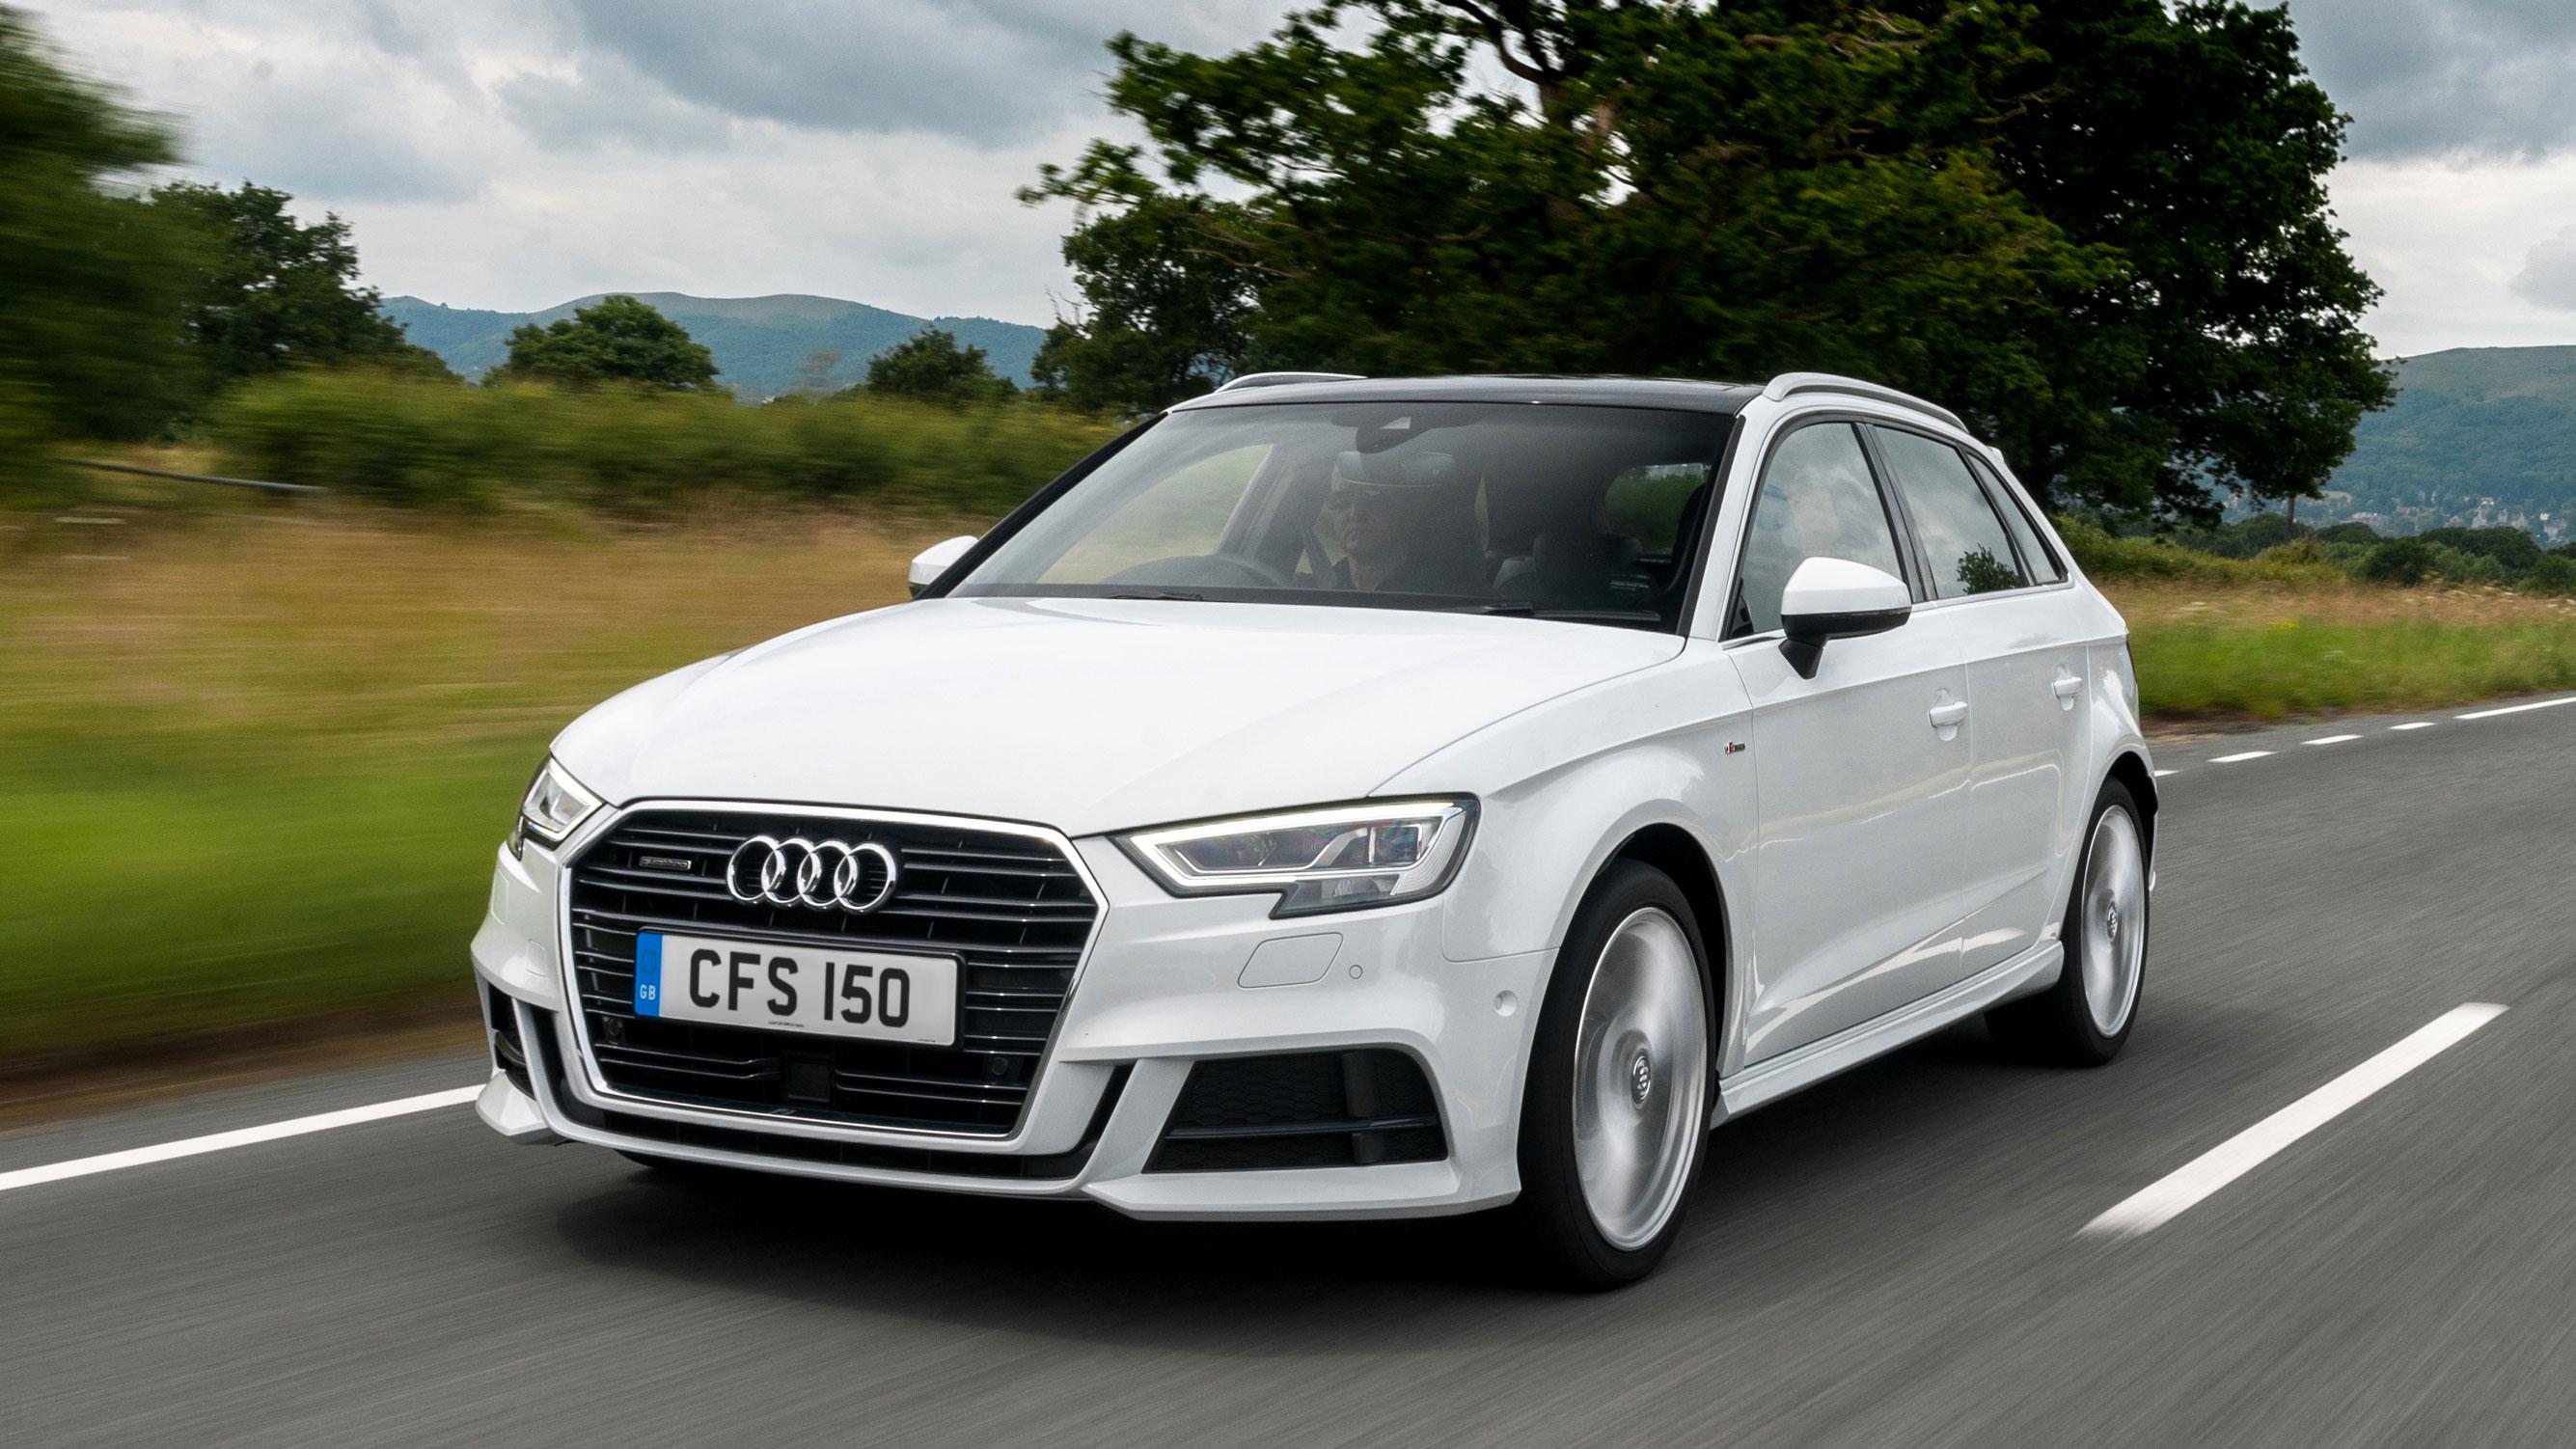 Kelebihan Kekurangan Audi 13 Harga